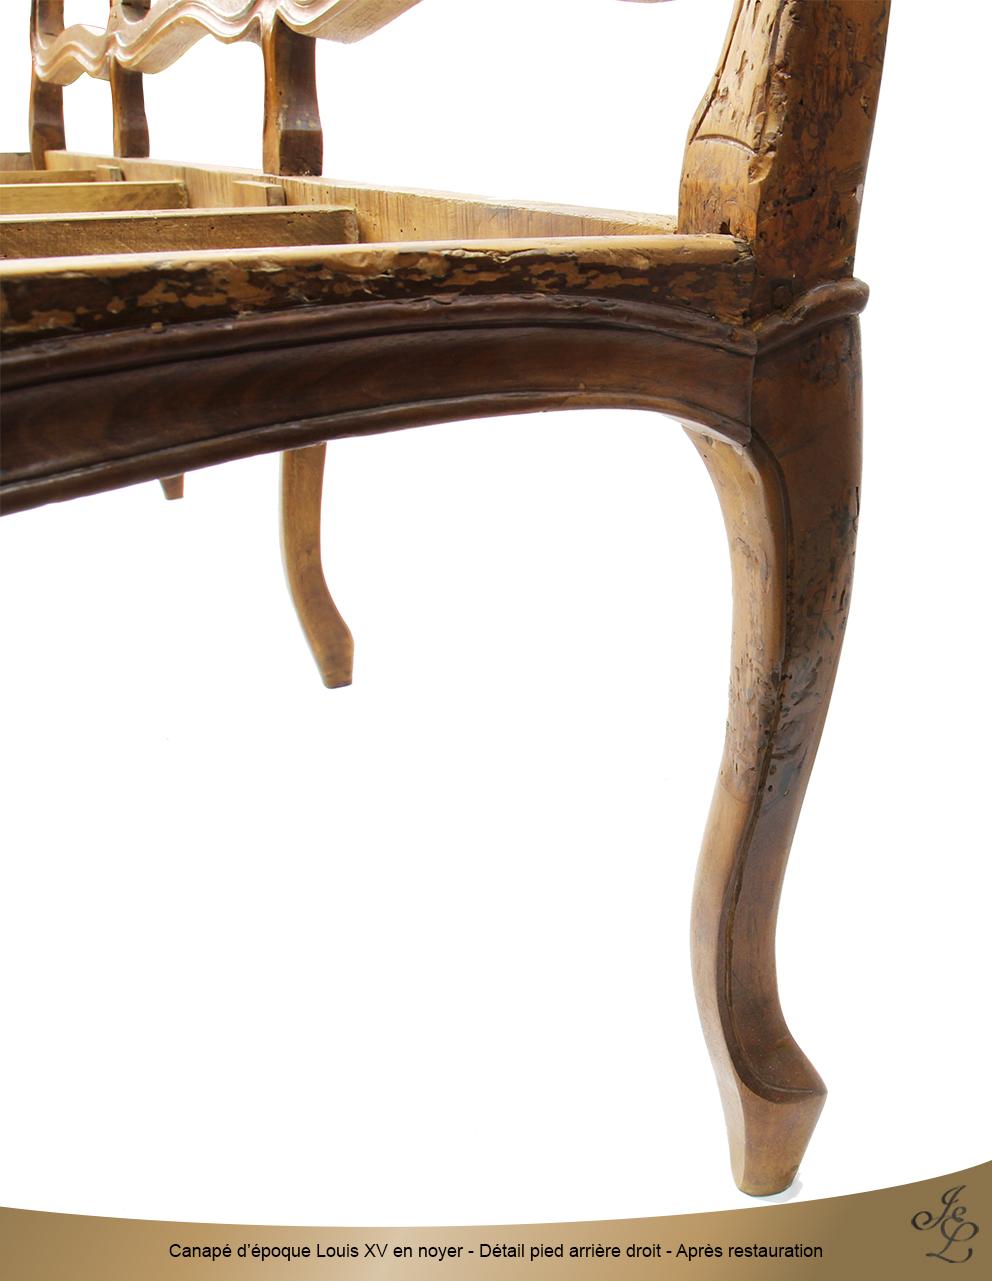 Canapé d'époque Louis XV en noyer - Détail pied arrière droit - Après restauration